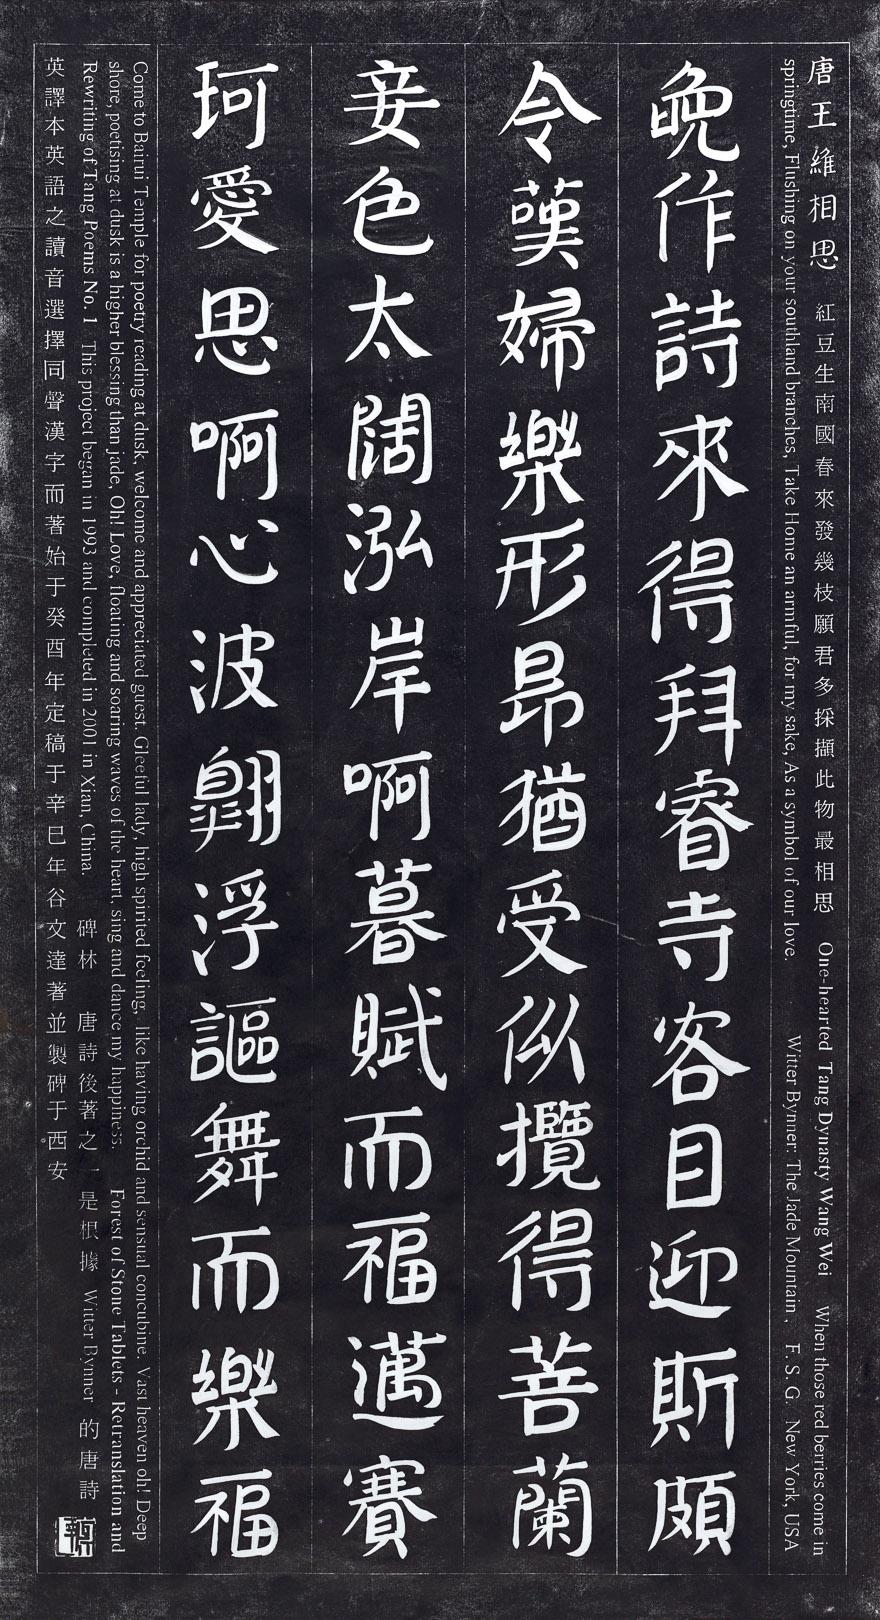 碑林-唐诗后著一号碑 拓片(24/25)